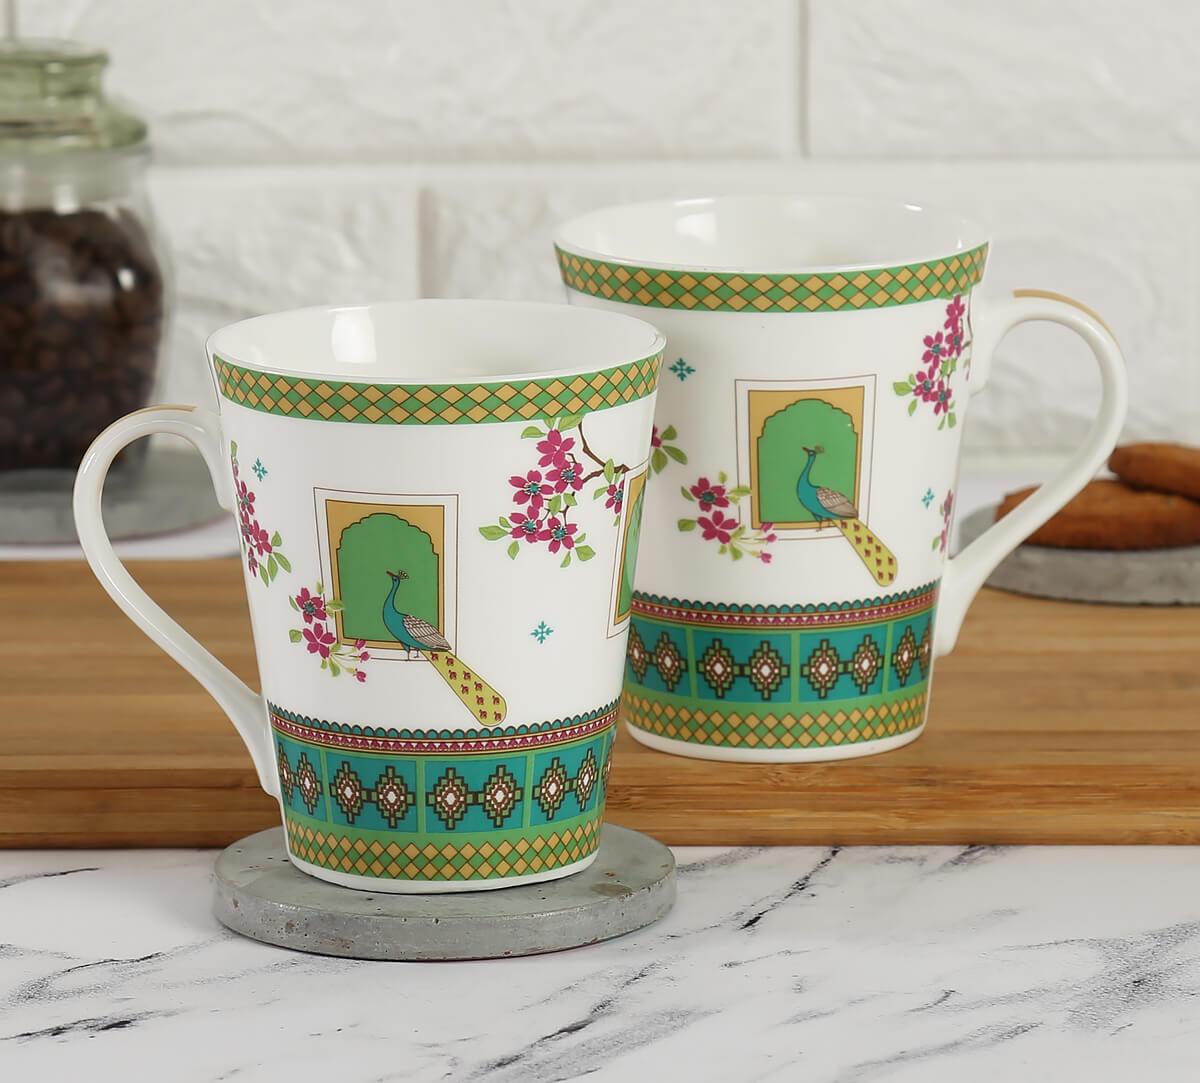 Dandy Transcendence Zing Mug Set of 2